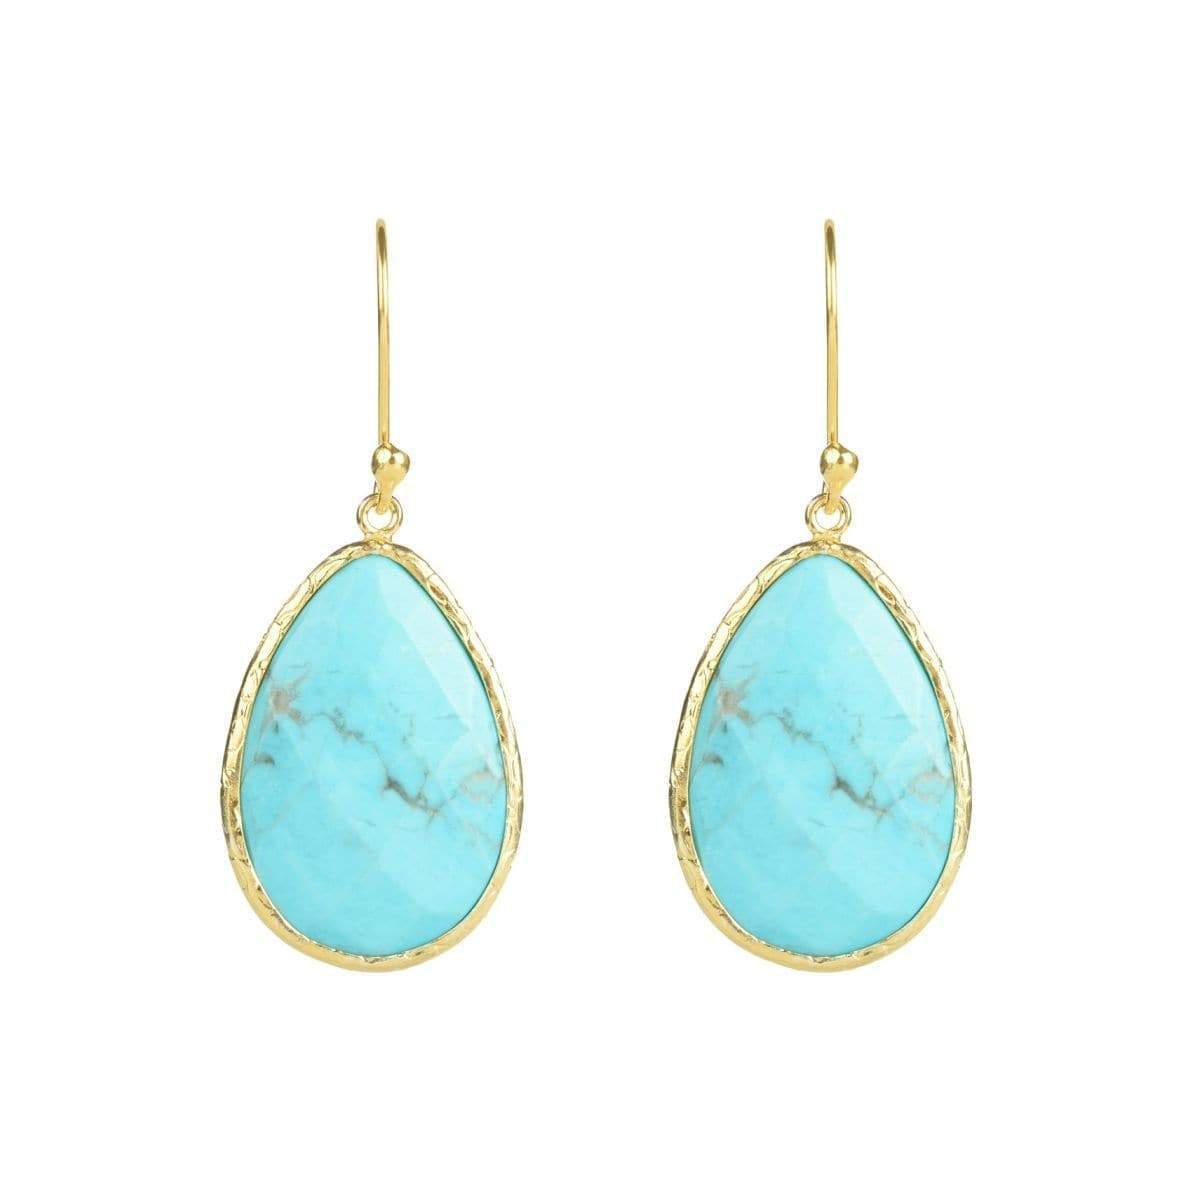 Latelita London Gold Single Drop Earring in Turquoise nj0TJIAW